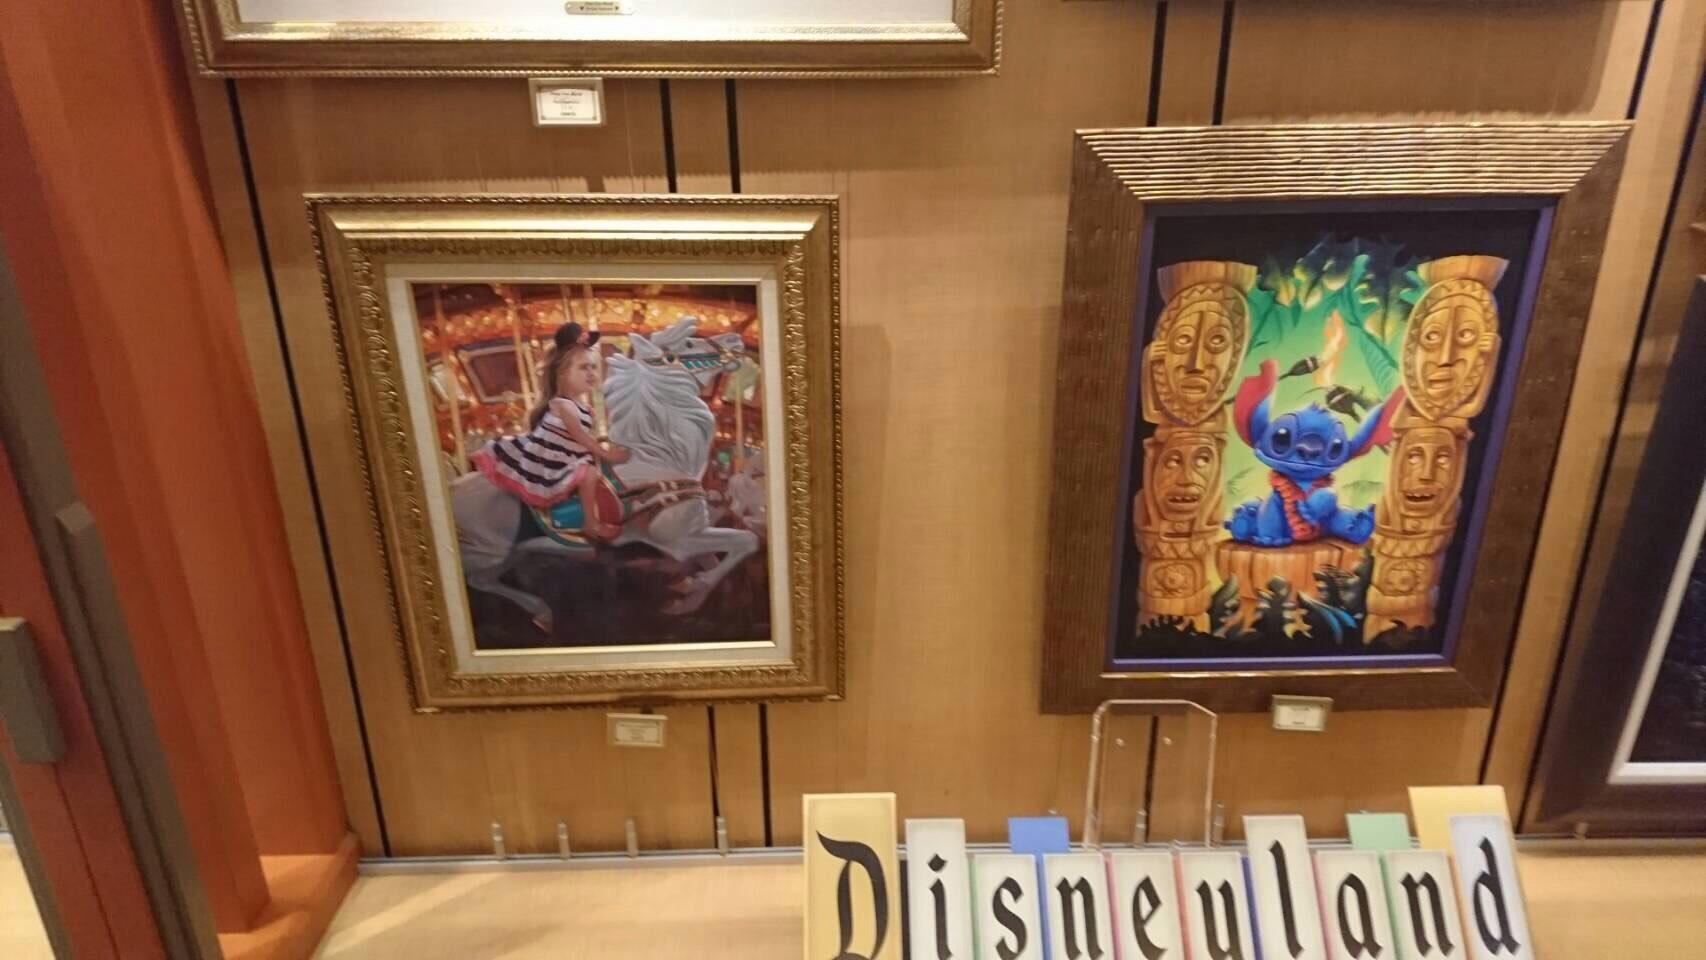 Disneyland ワールドオブディズニー ディズニーギャラリー 絵画 4 201609